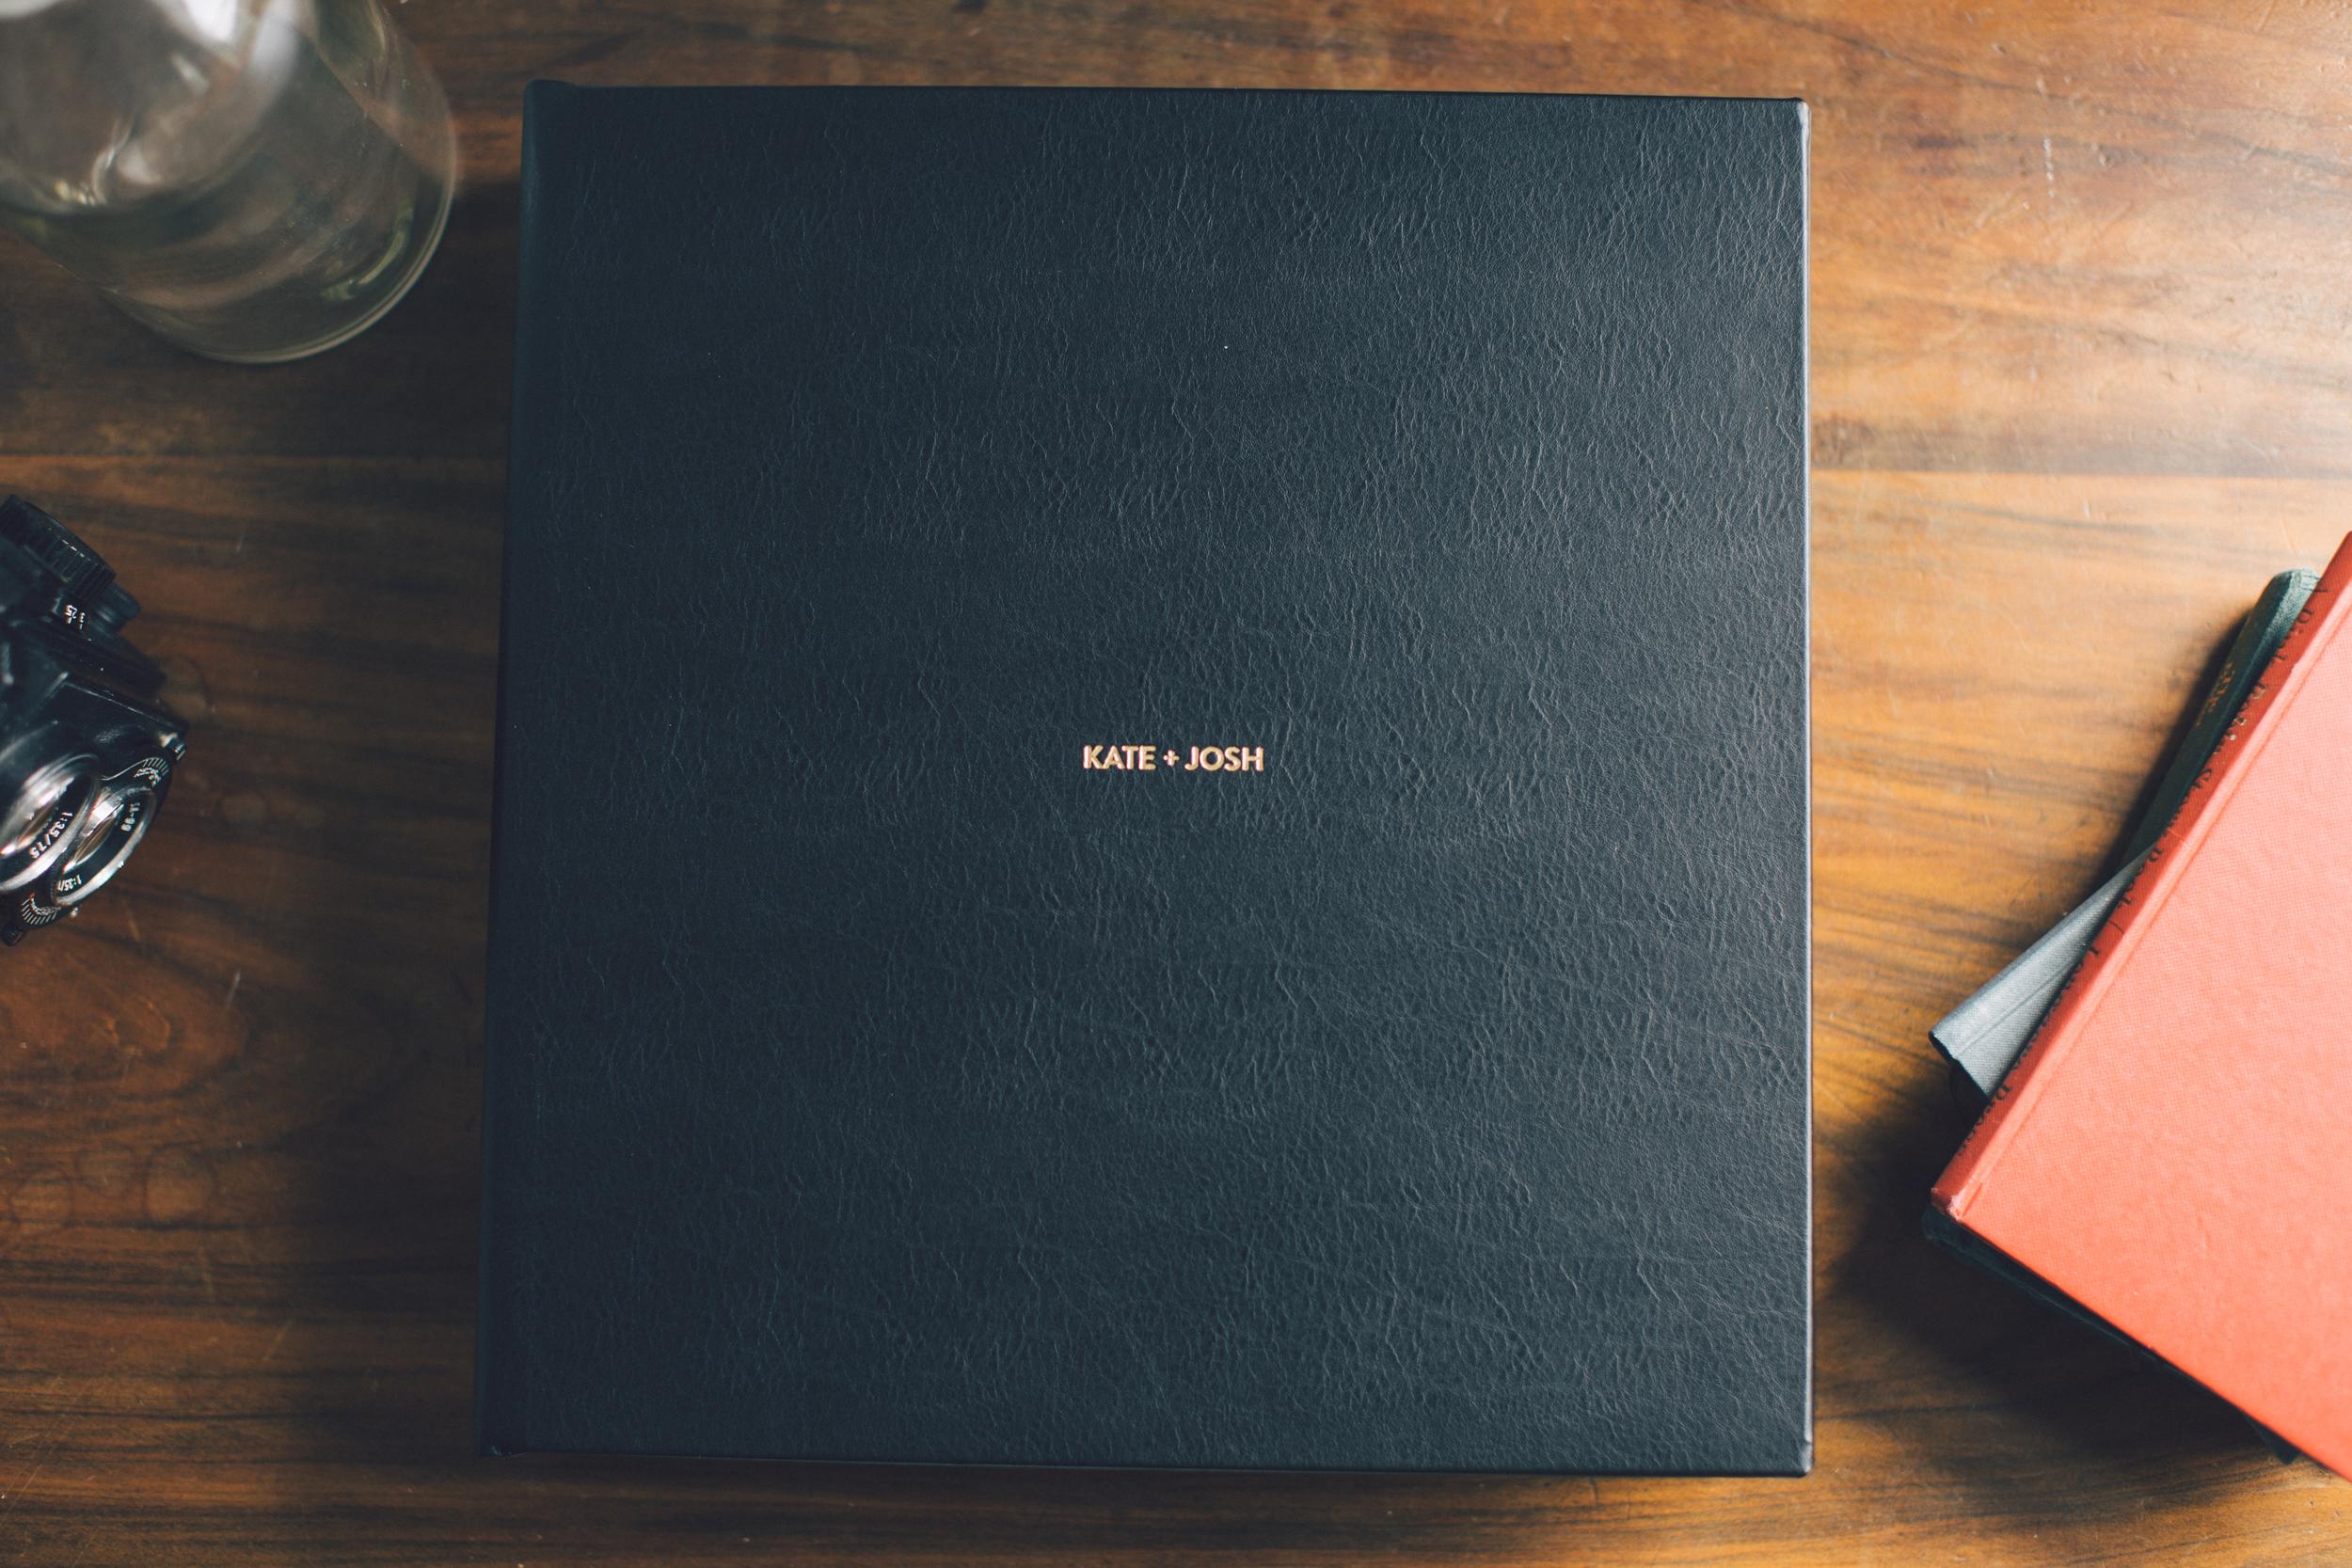 Renee Balke Design Images Lo-1.jpg